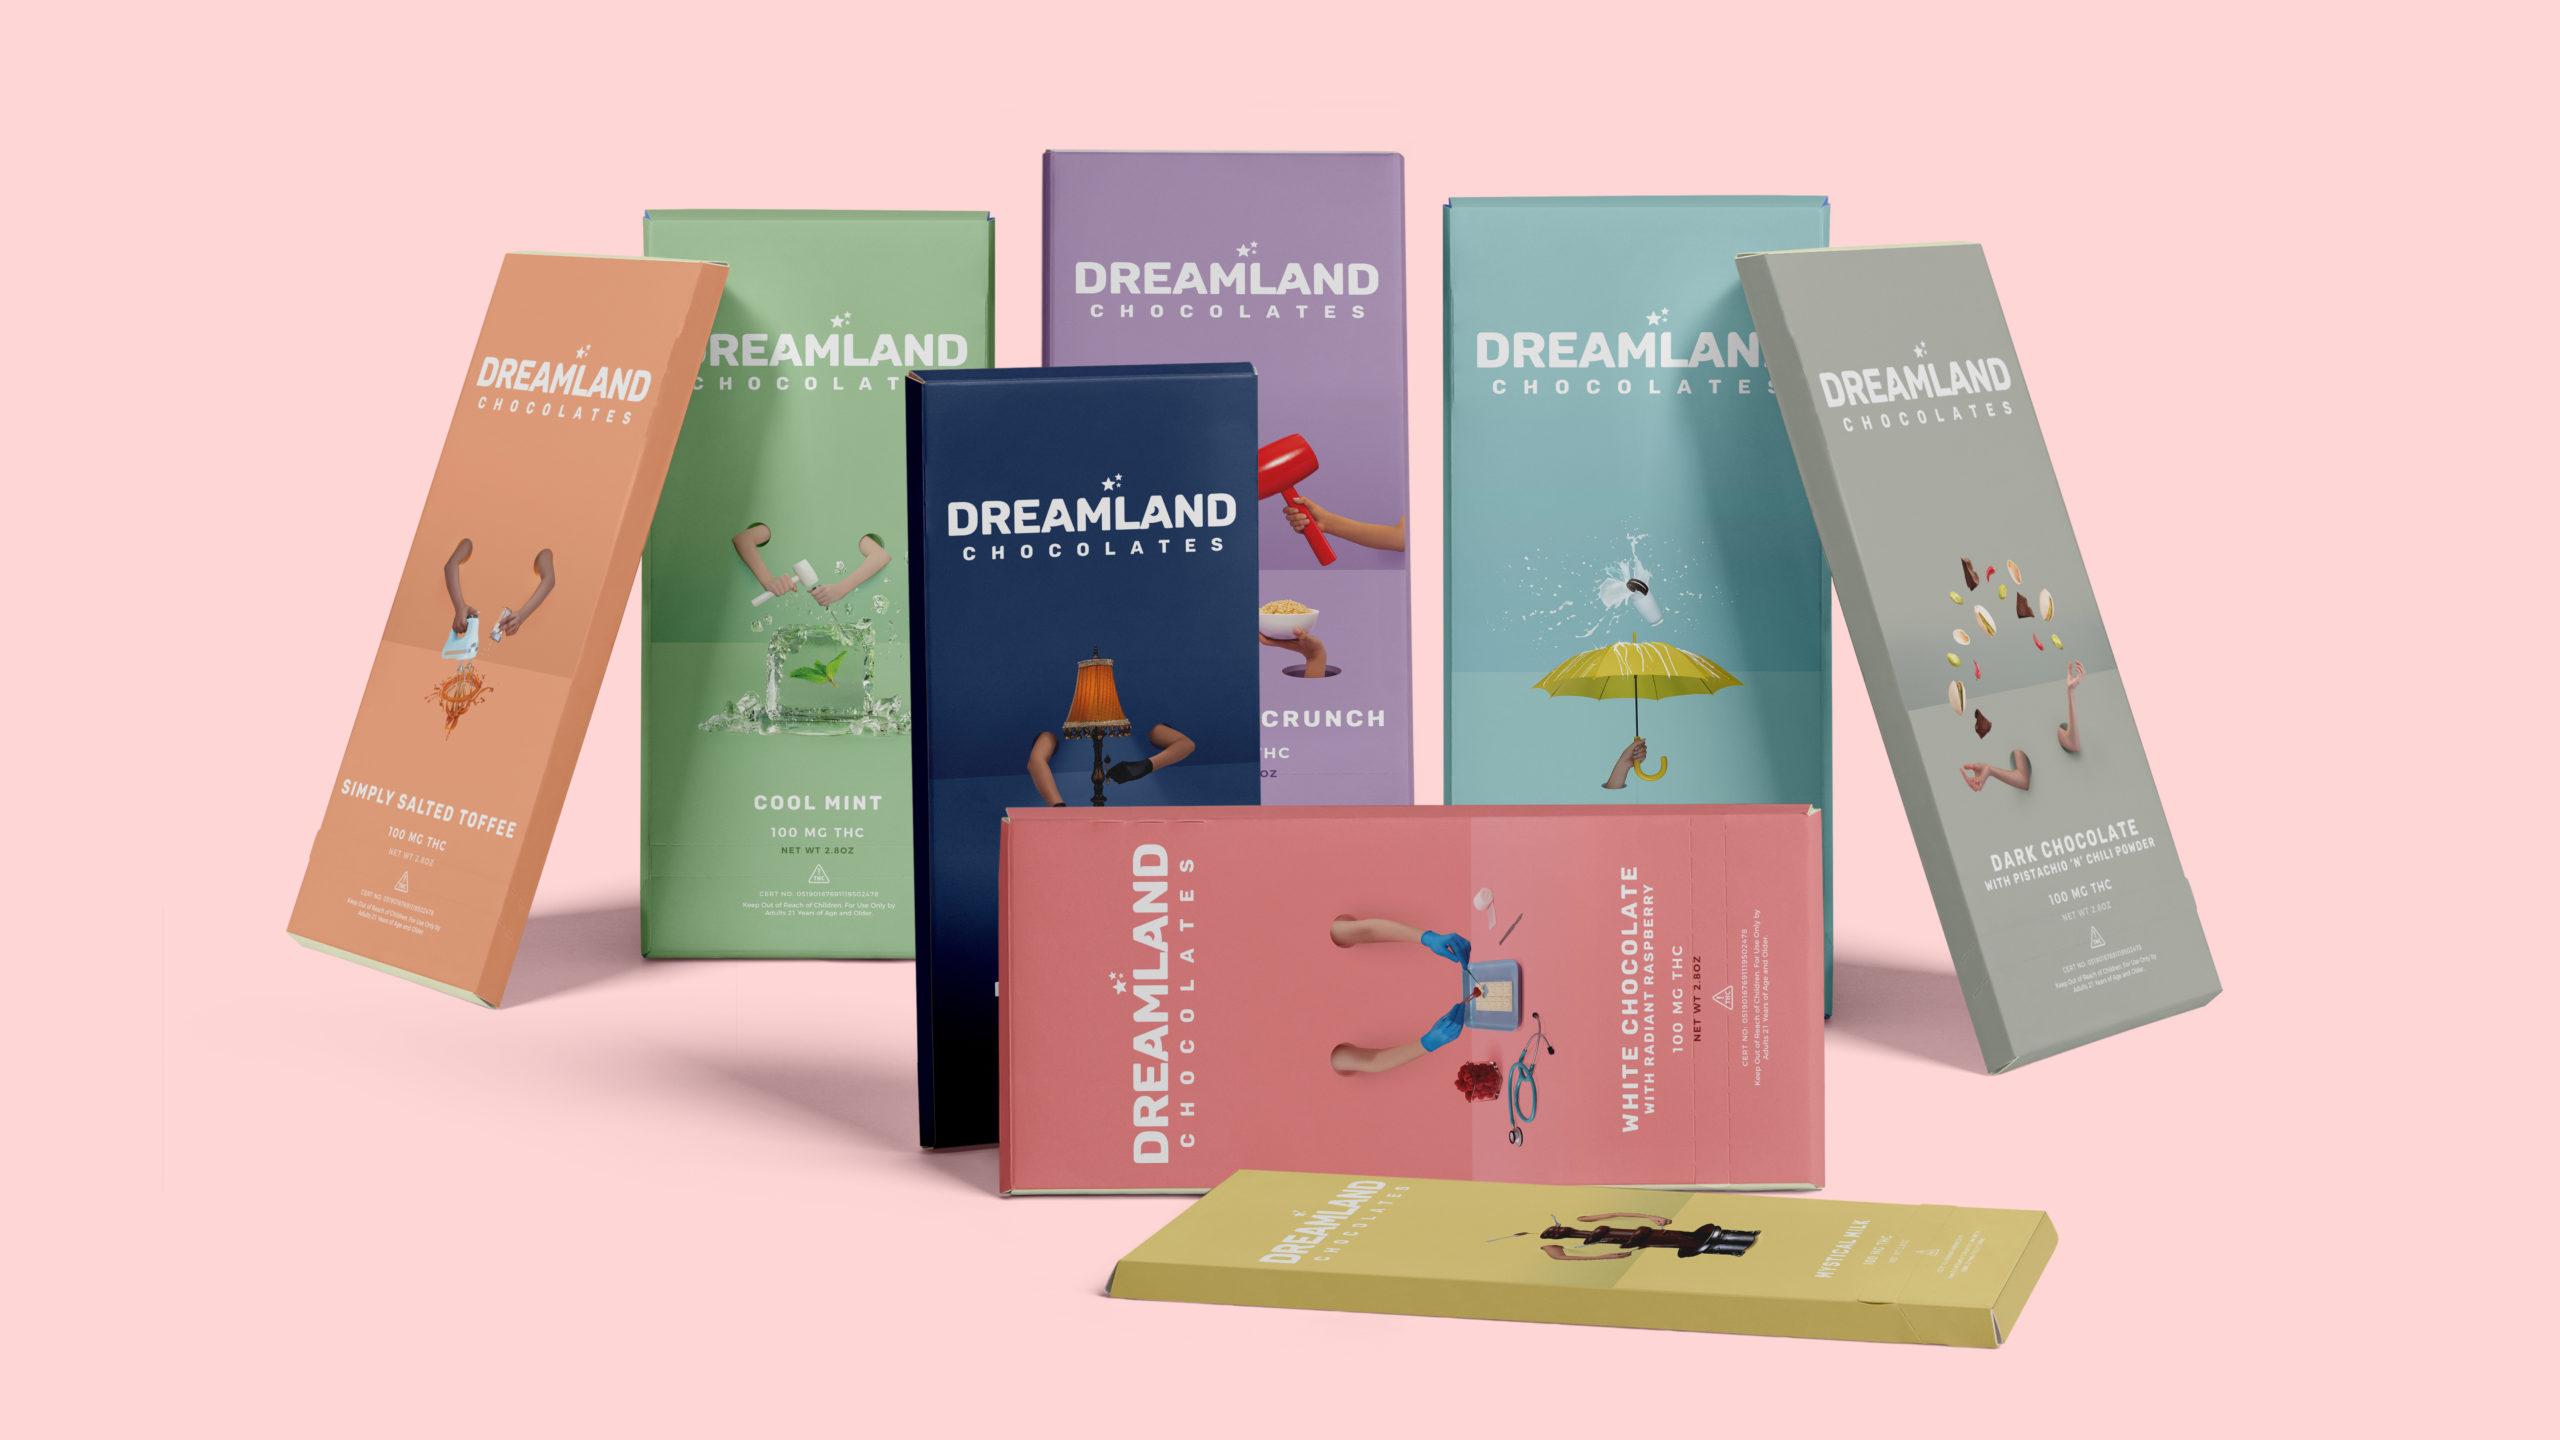 20191003_AoF_Clio_Dreamland